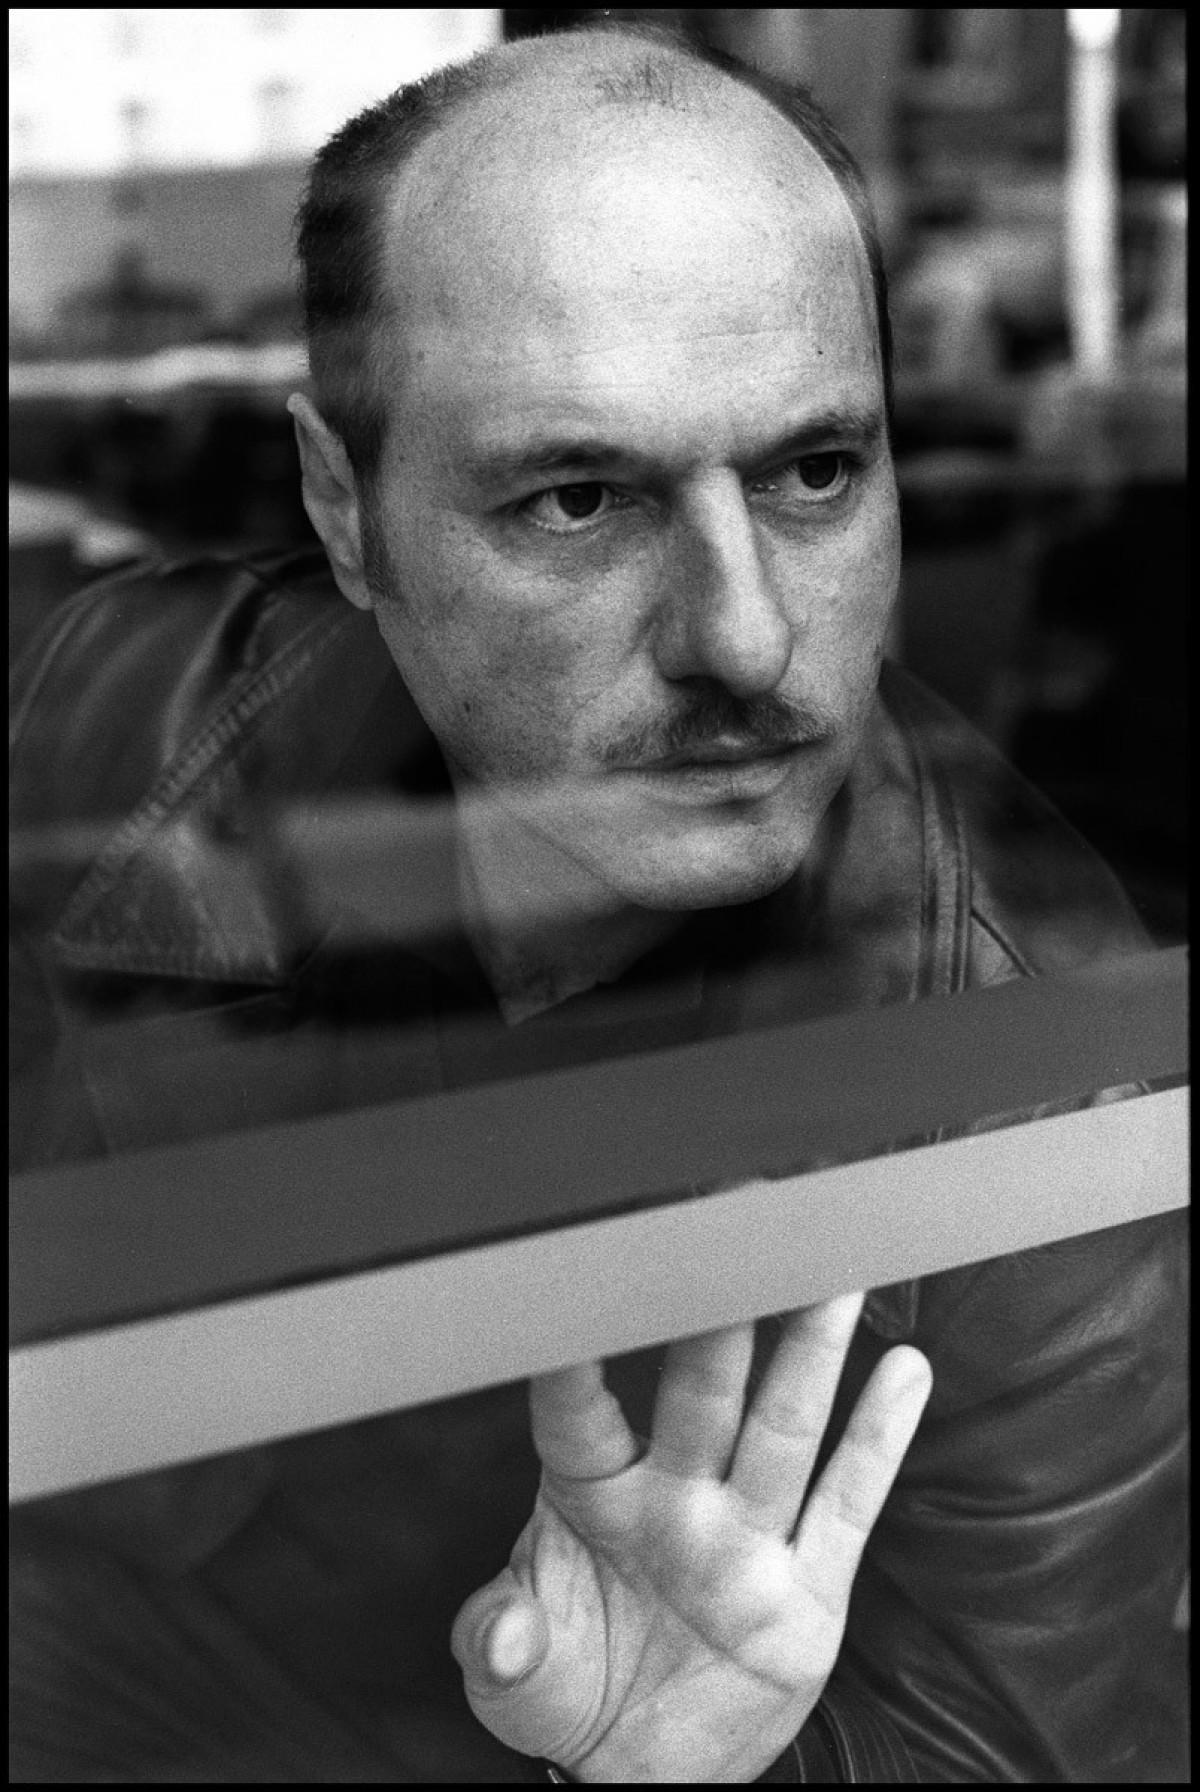 Affinati Eraldo, writer